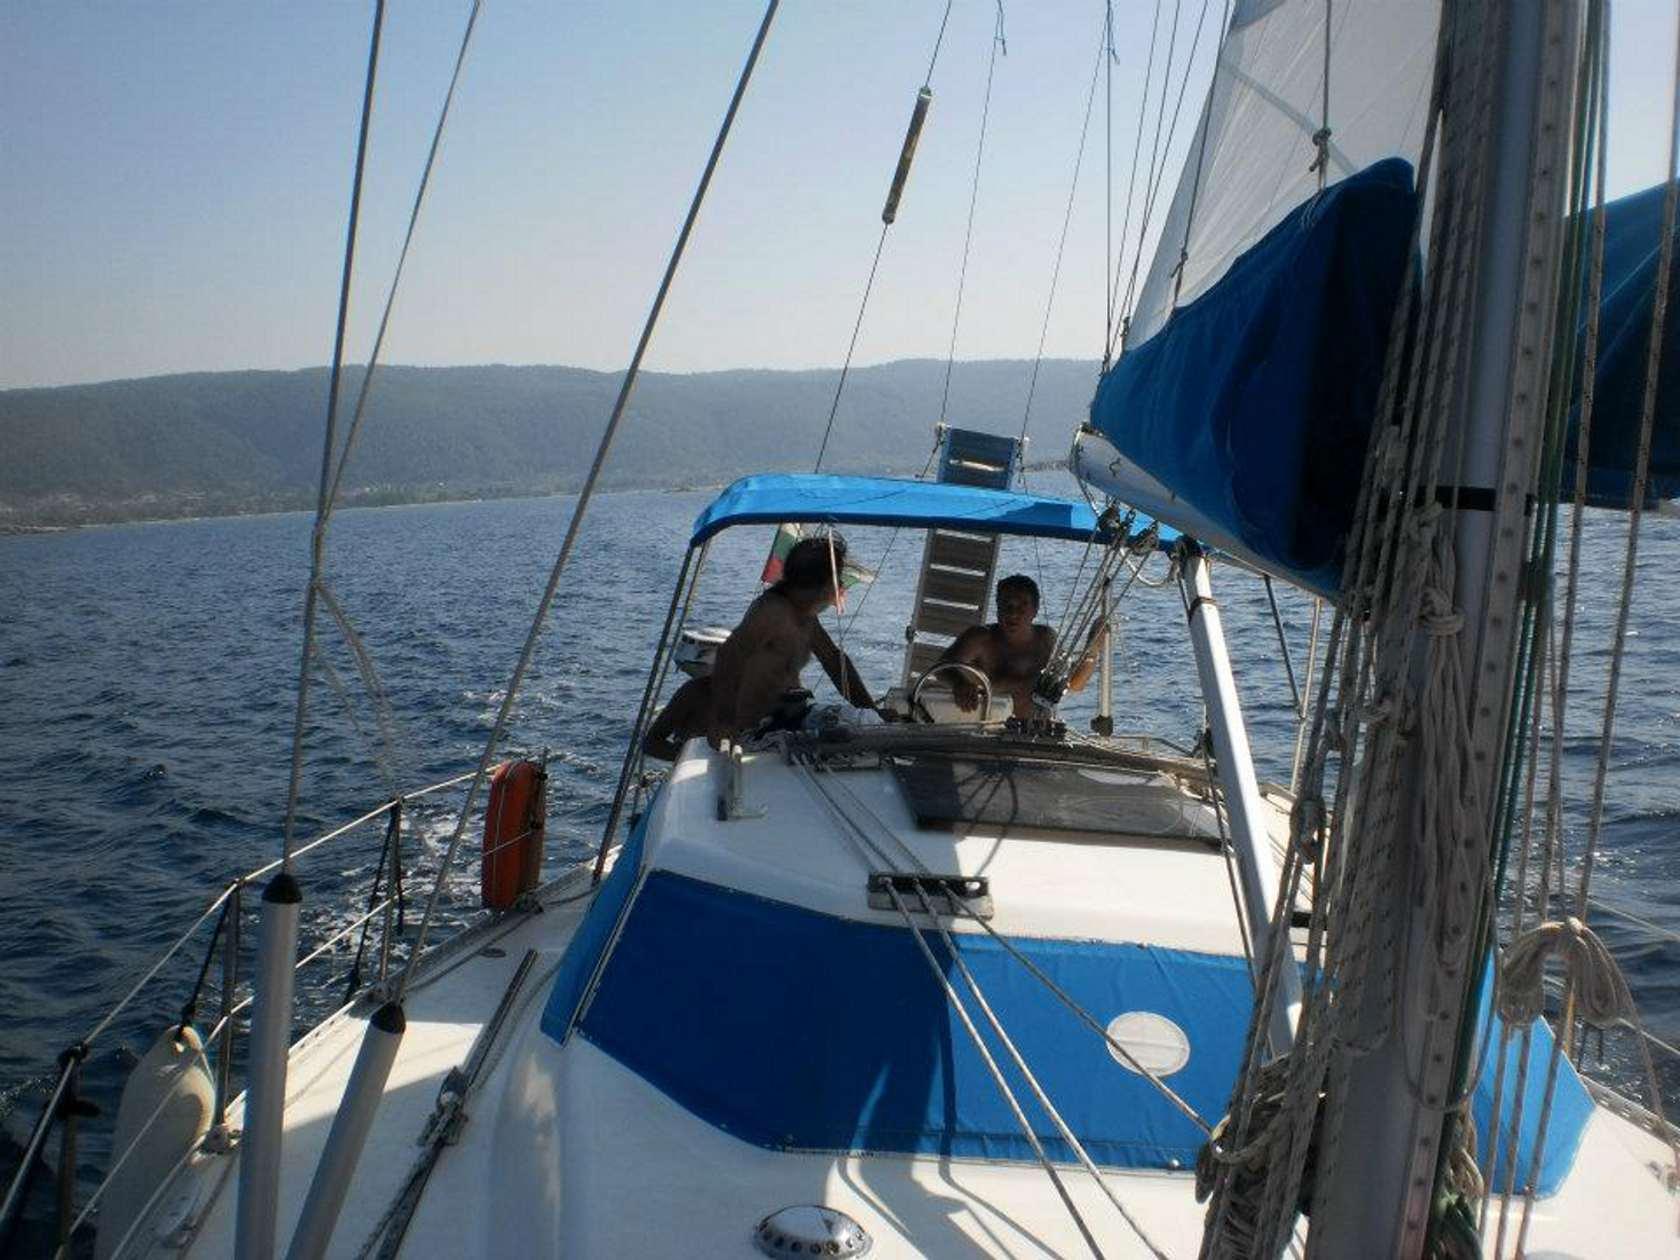 Urlaub Chalkidiki Bootsfahrten Sithonia Vourvourou Ormos-Panagia Reisen